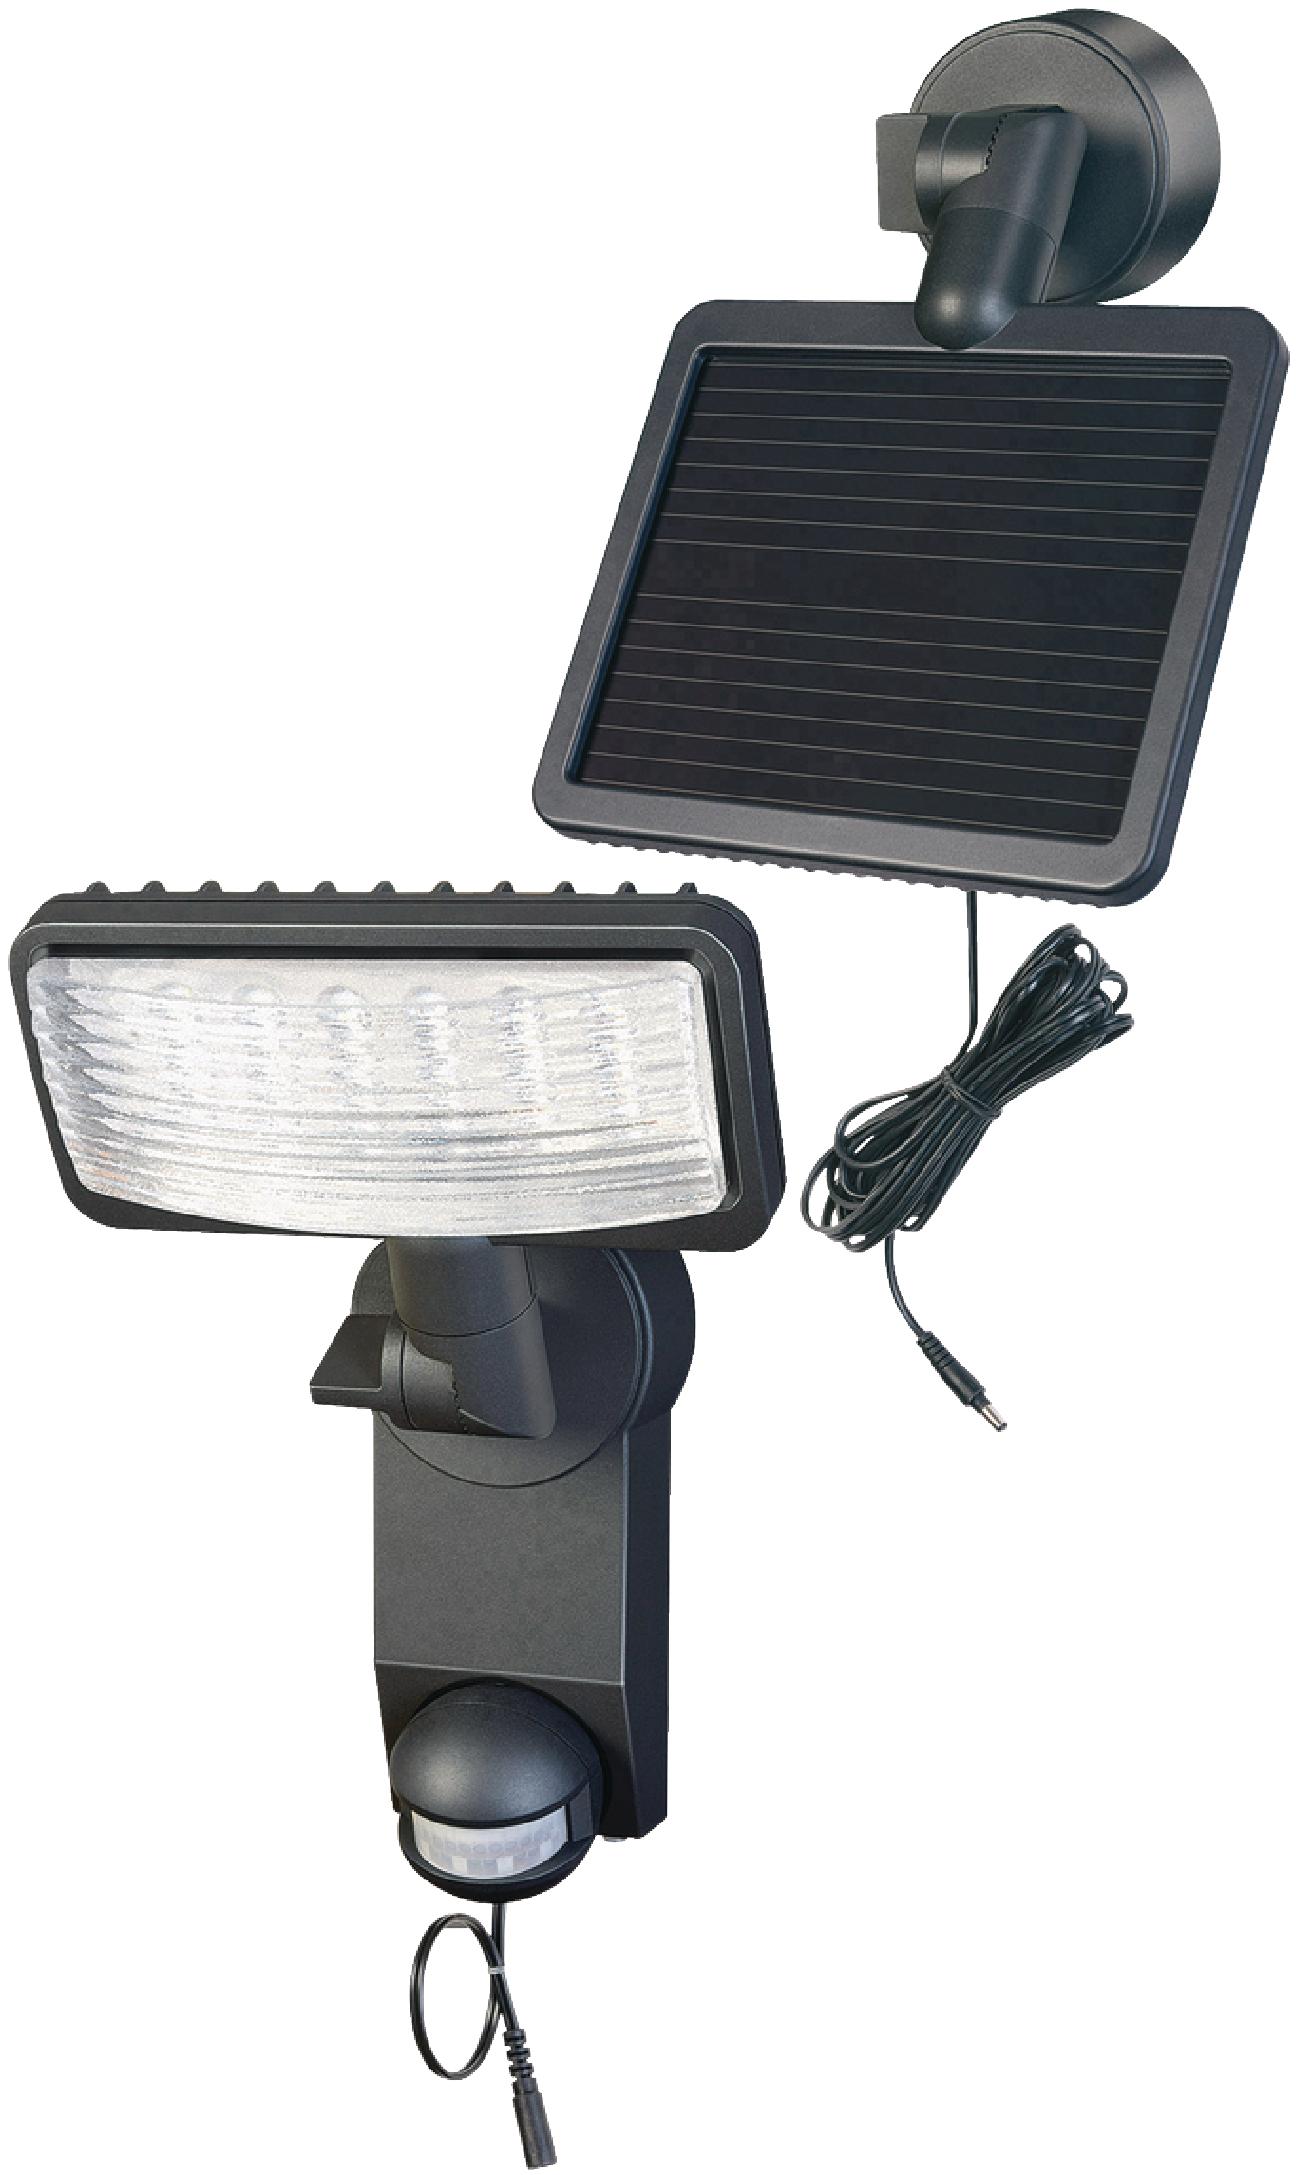 Nástěnné LED svítidlo se solárním panelem Brennenstuhl BN-9370